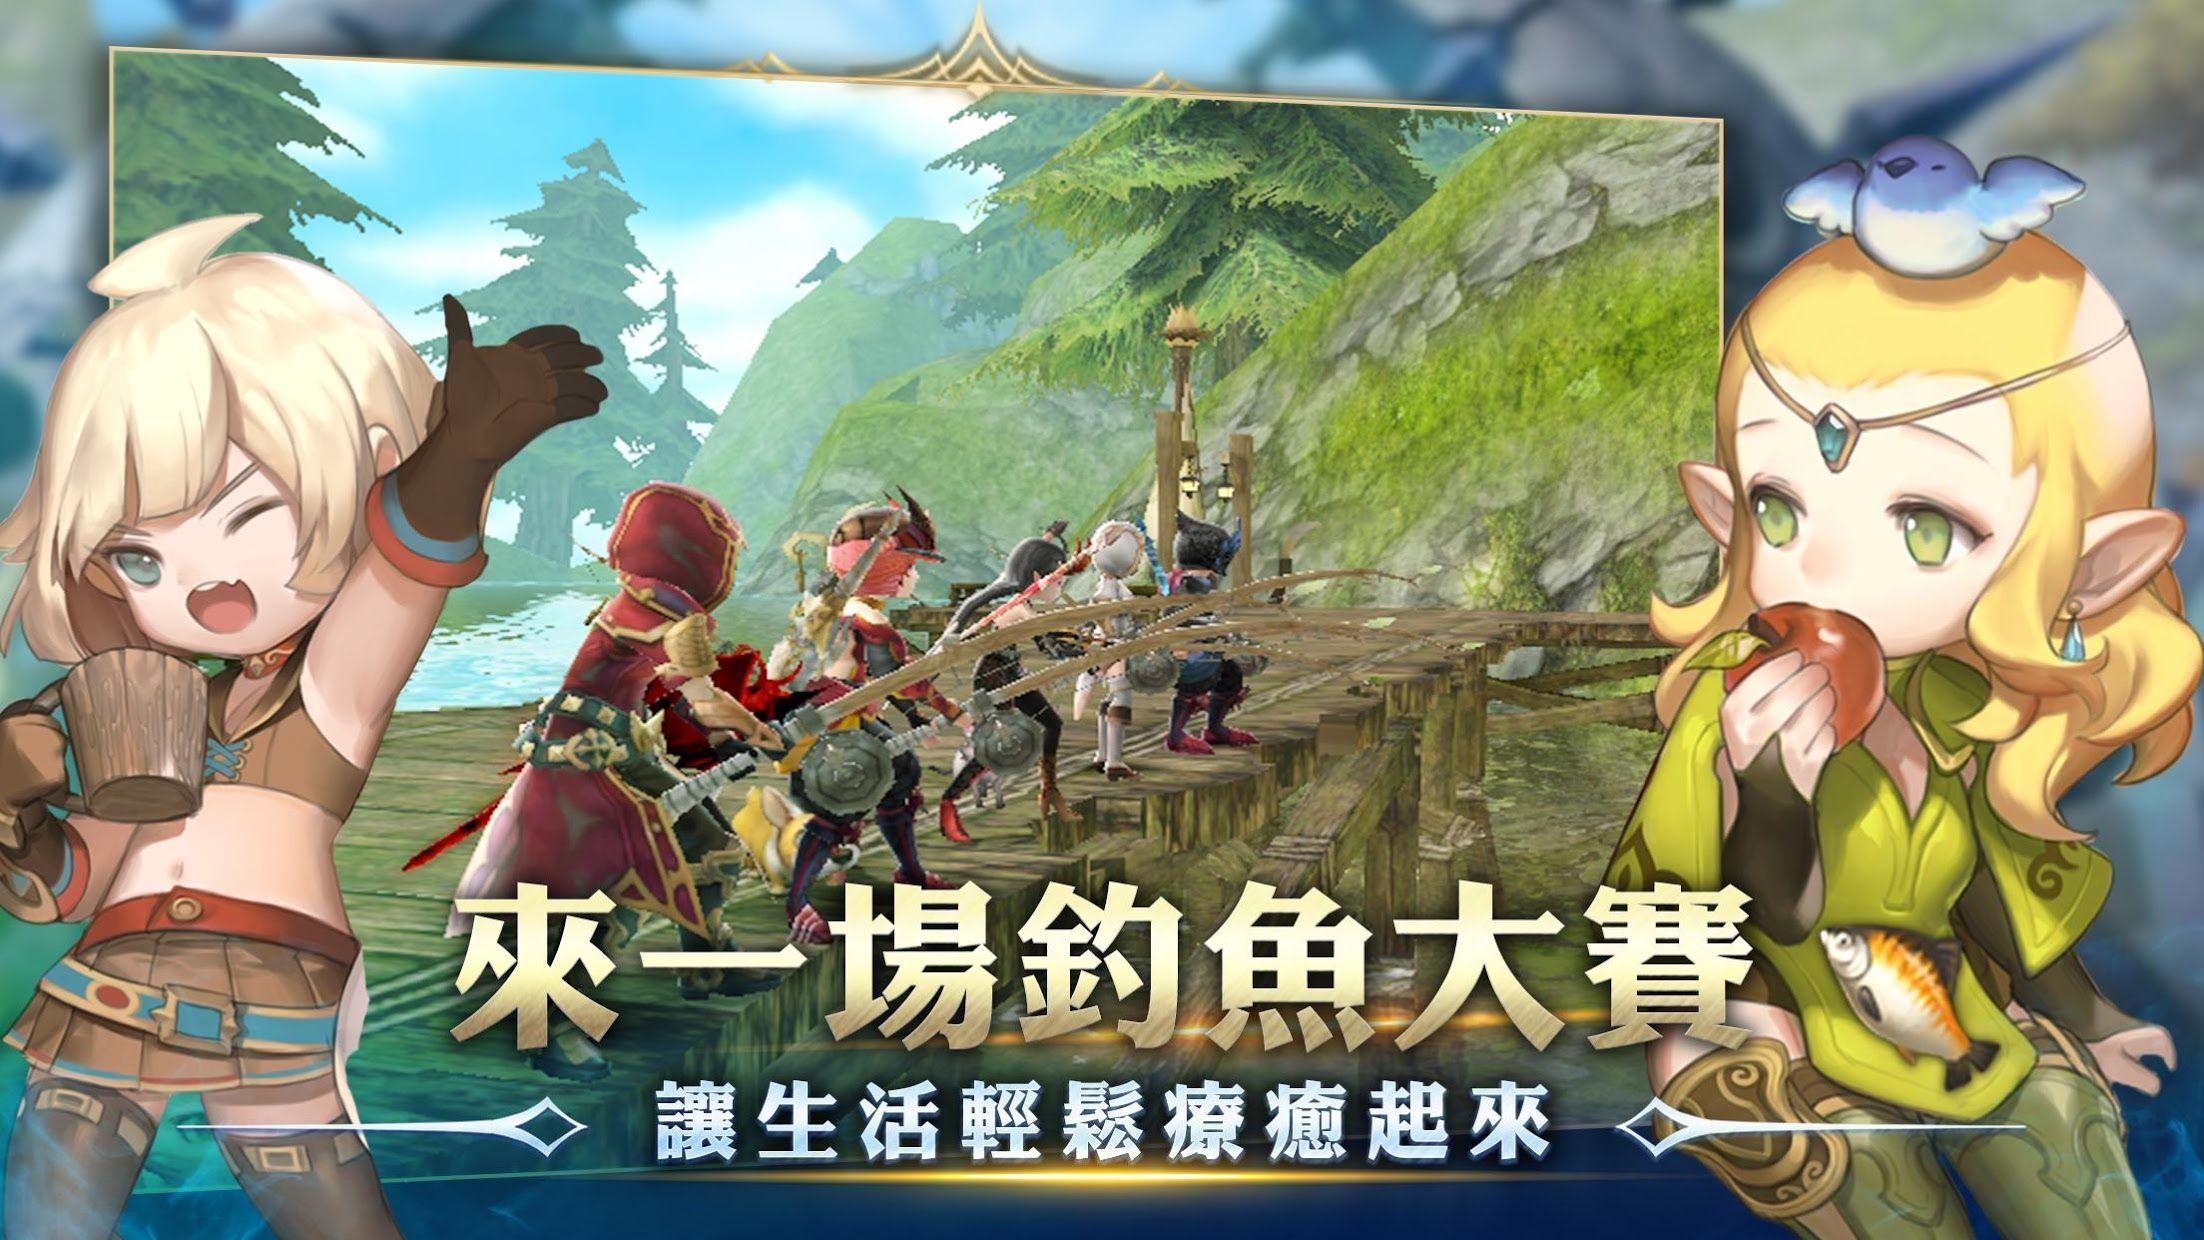 龙之谷:新世界 游戏截图5